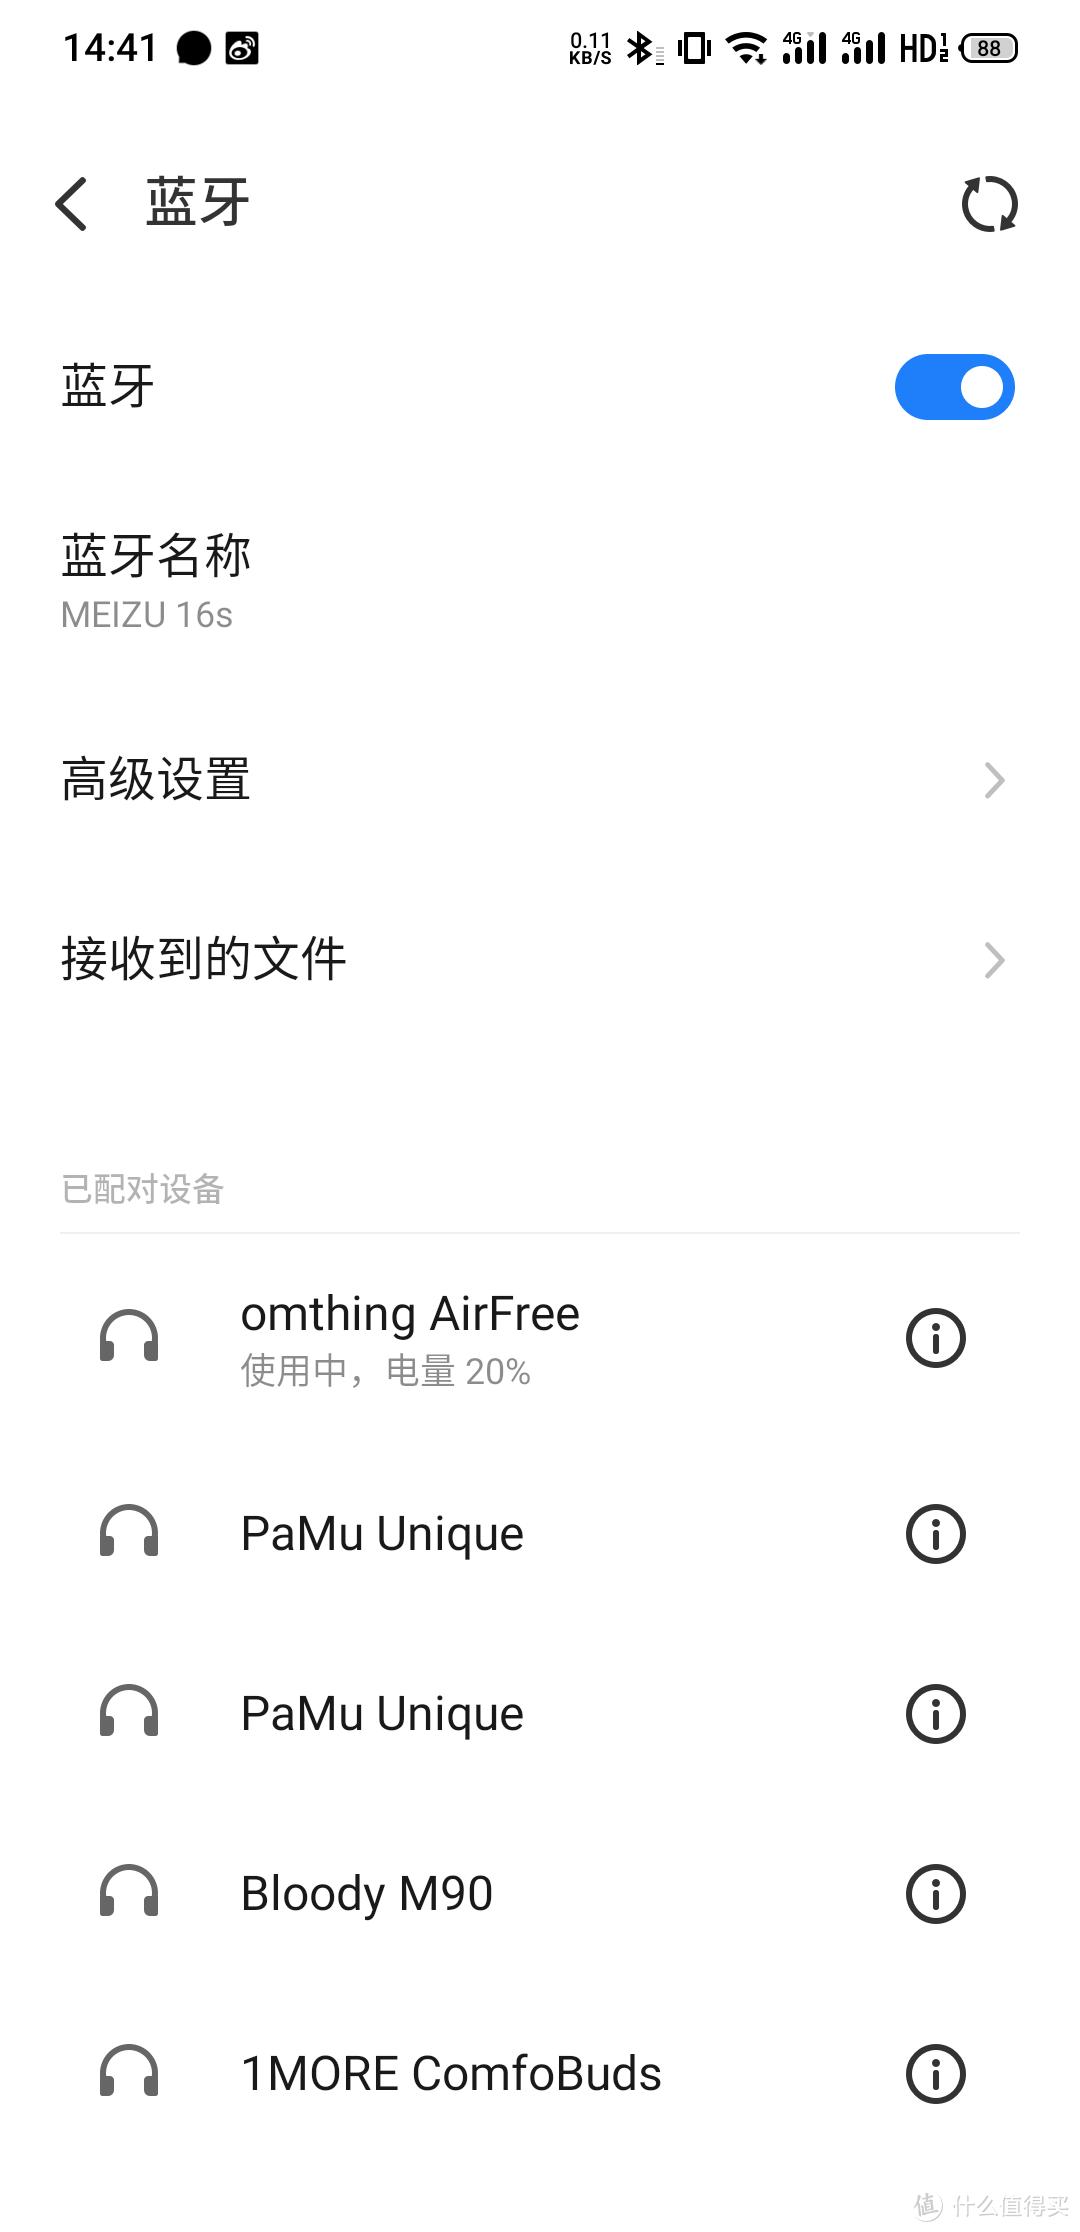 四麦降噪Omthing AirFree真无线蓝牙耳机评测